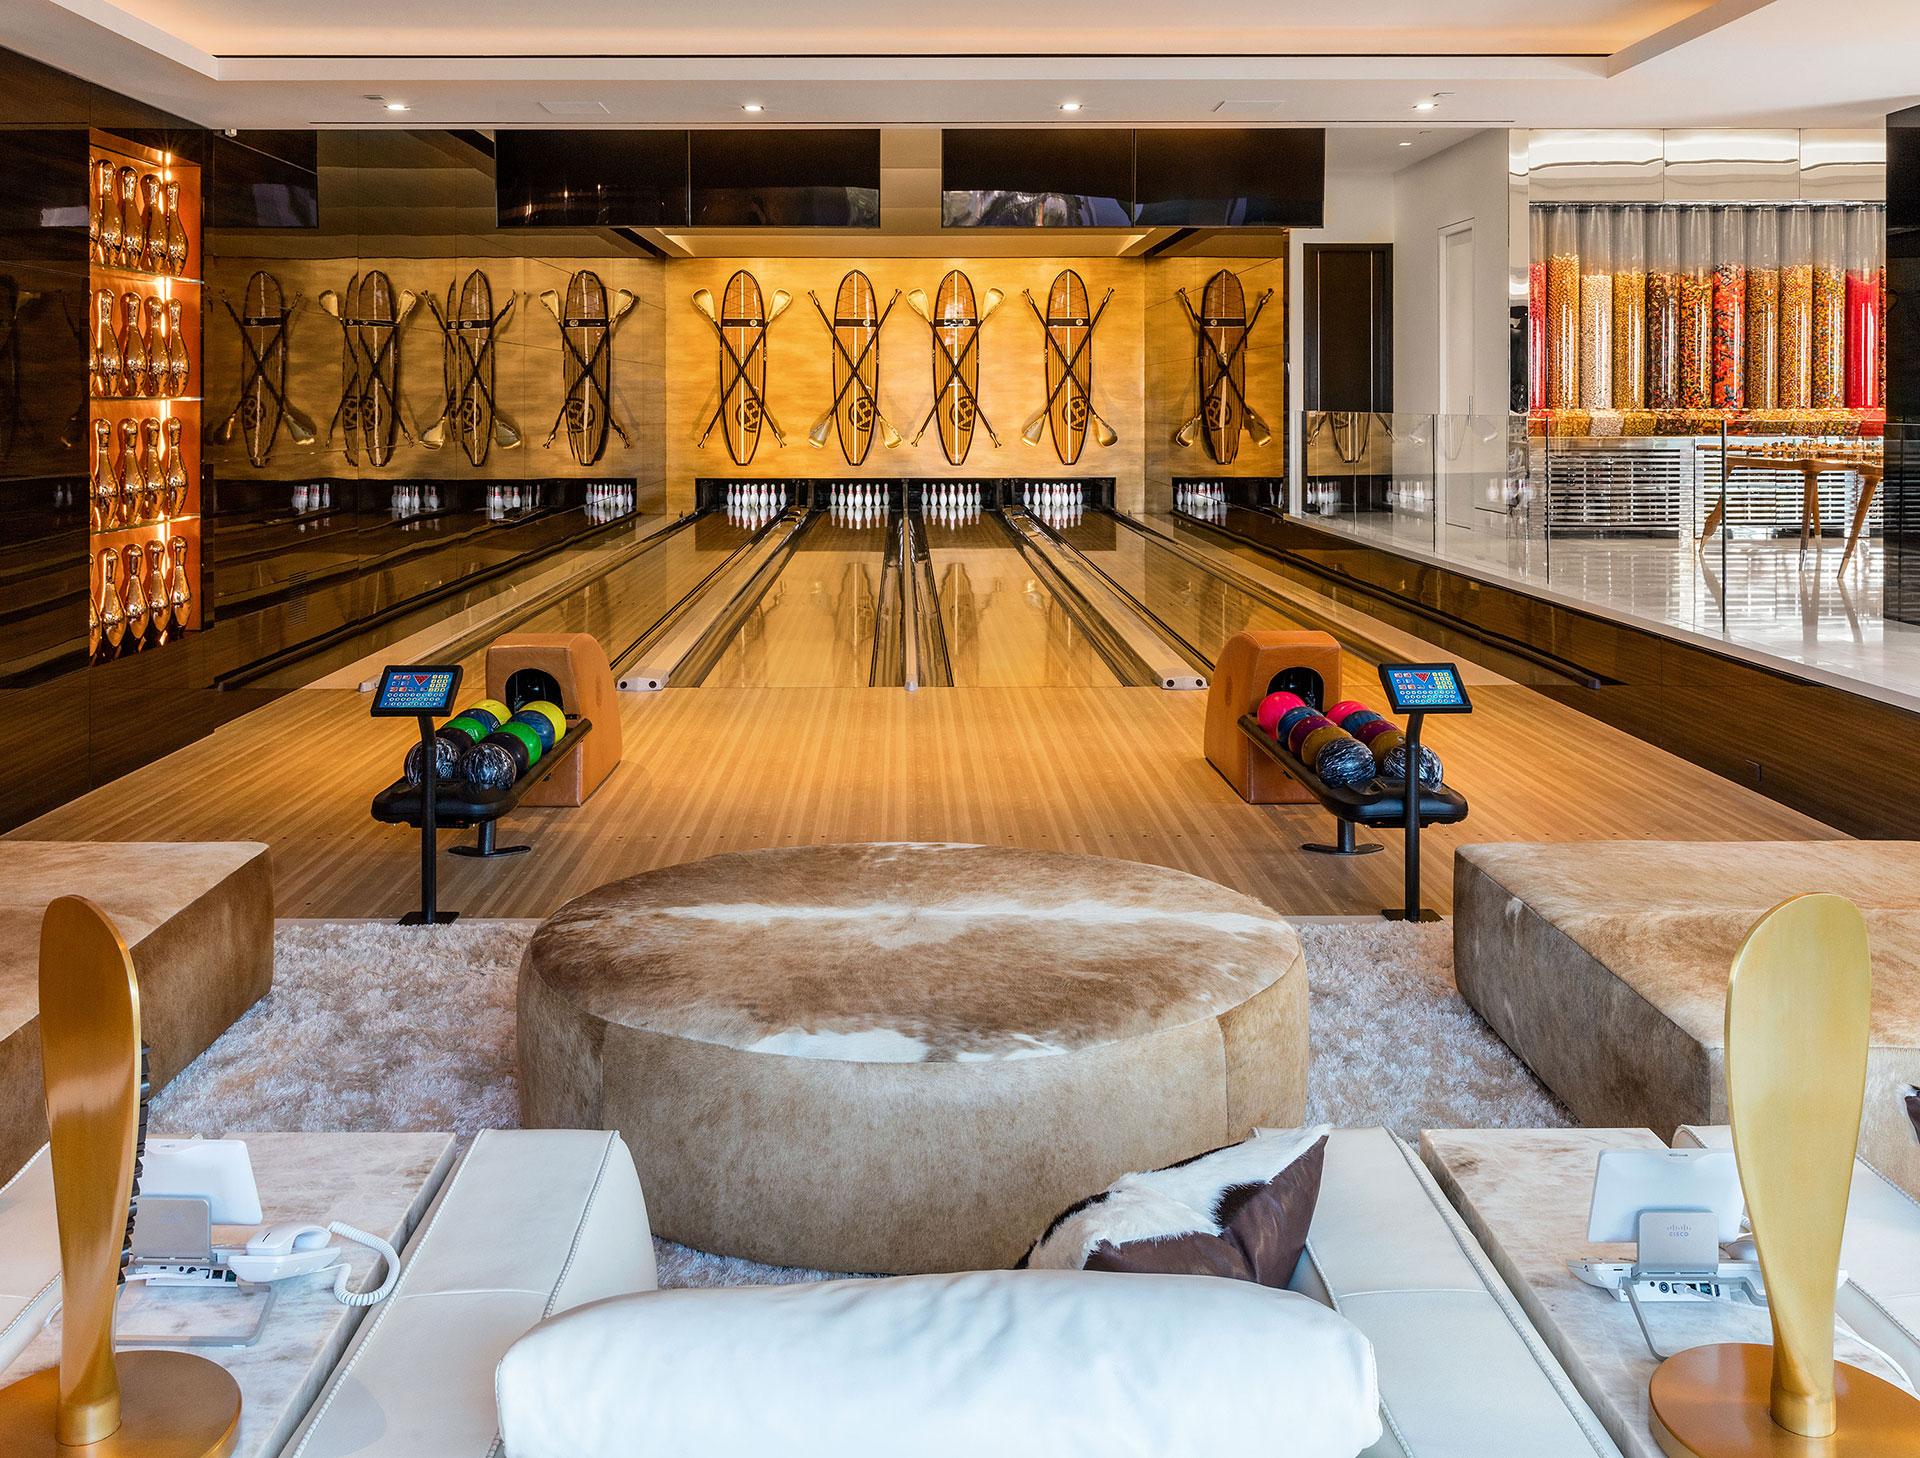 ¿Jugar a los bolos? Todo está permitido en la mansión de Bokowsky (BAM Luxury Development)